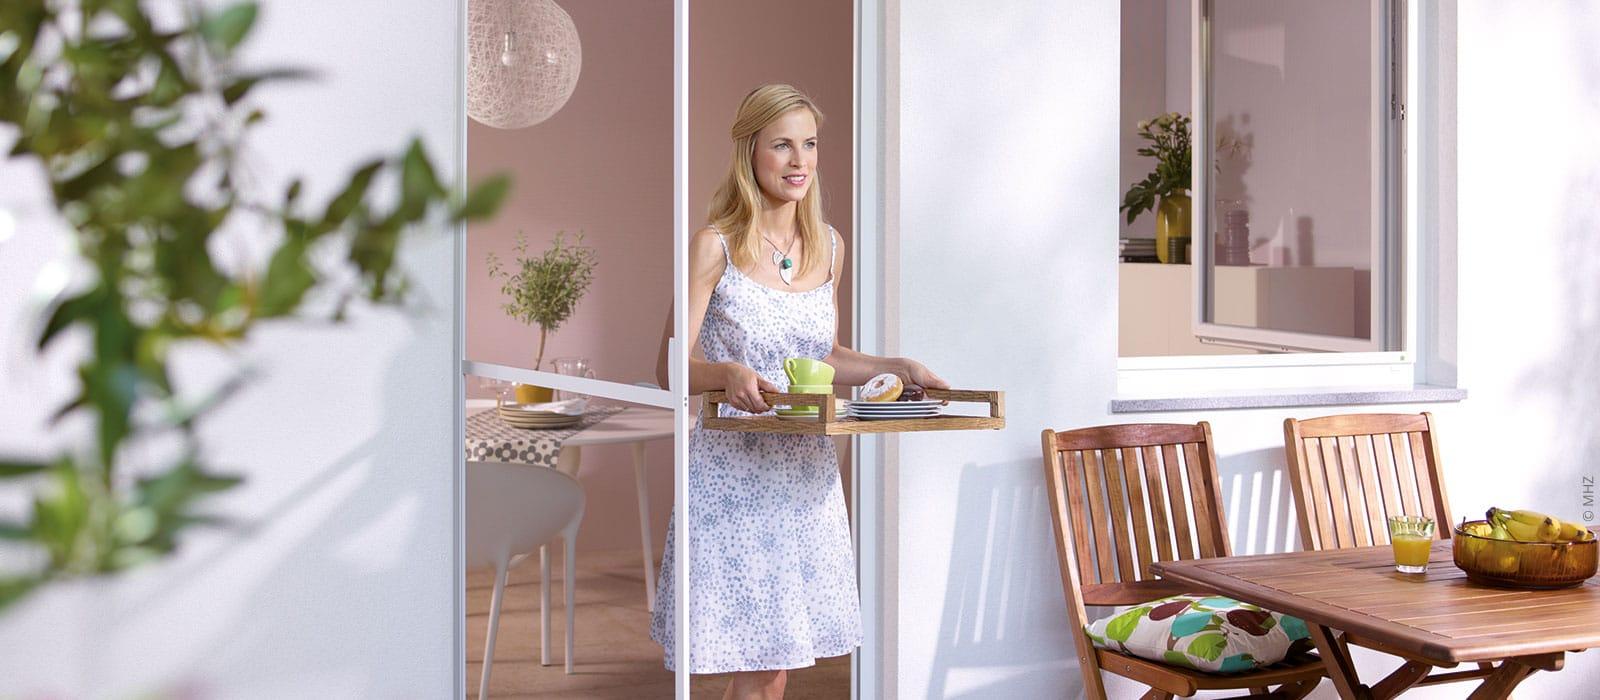 drehrahmen sicherer schutz f r balkon und terrasse andr gebauer. Black Bedroom Furniture Sets. Home Design Ideas